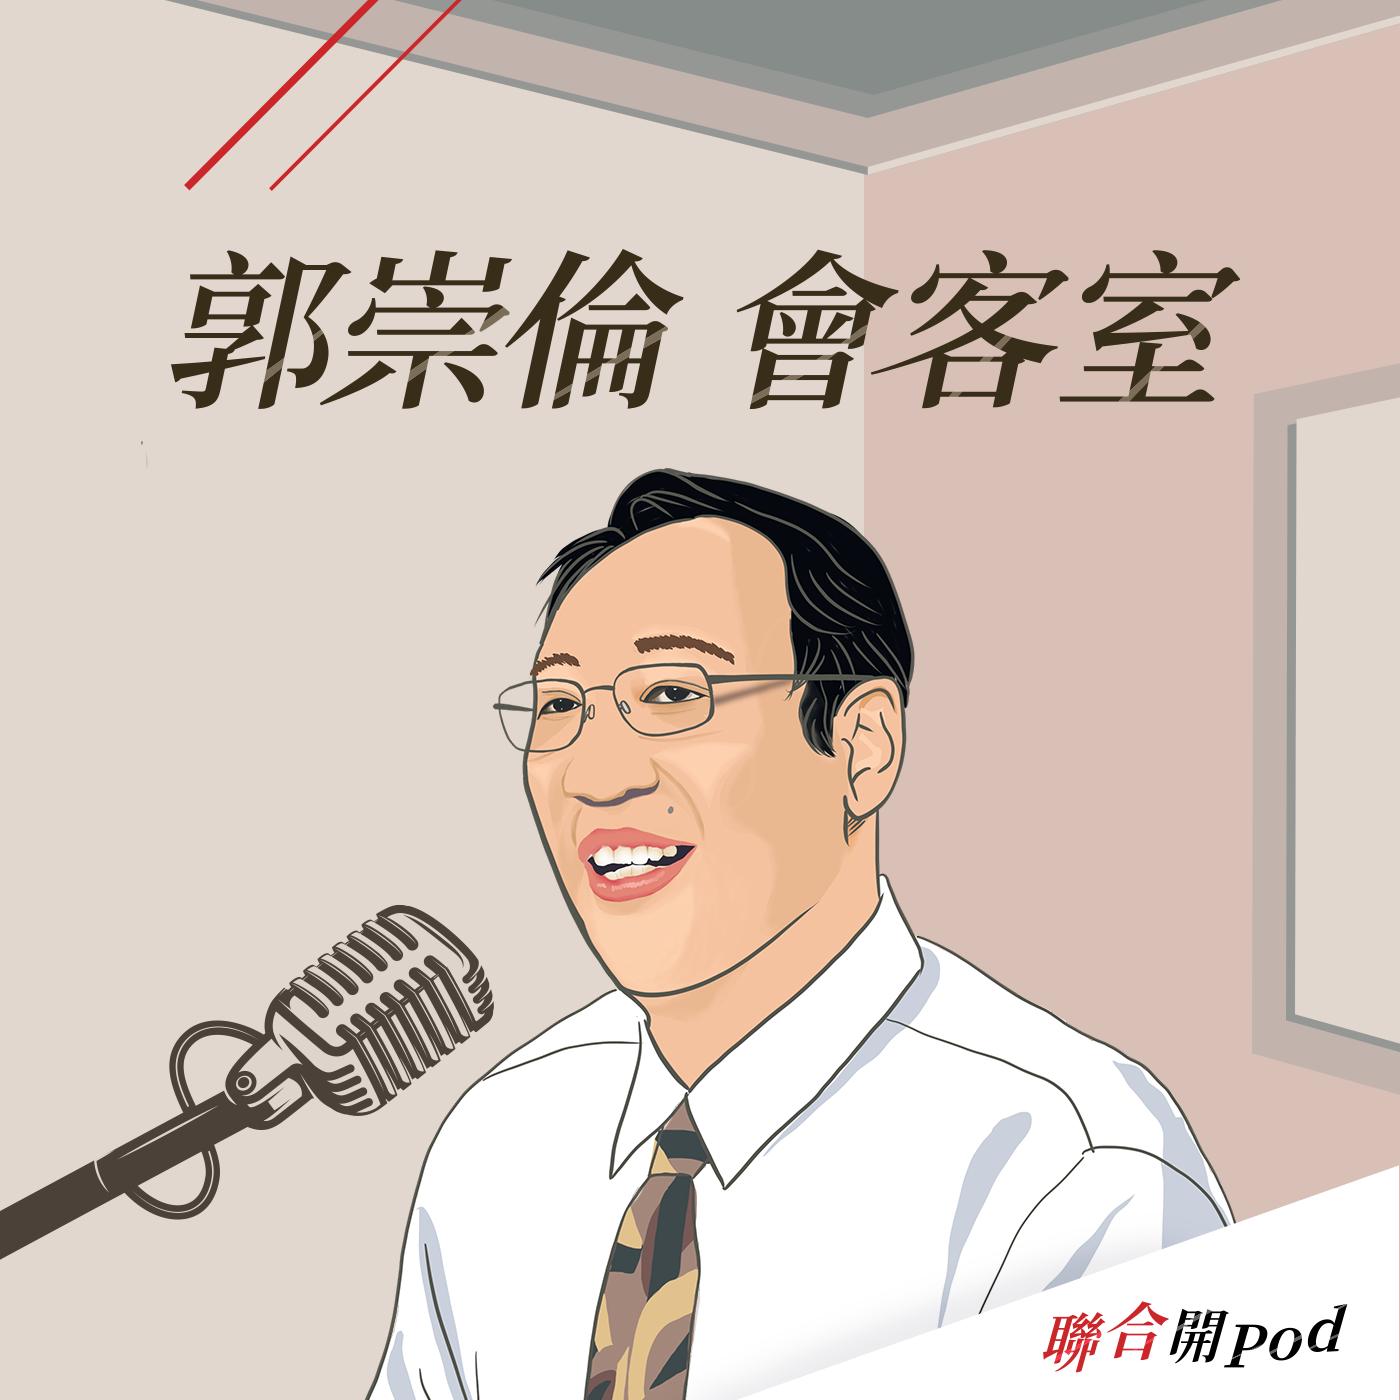 郭崇倫會客室 EP17|中國大陸西北擴建發射井?核武戰略改變?